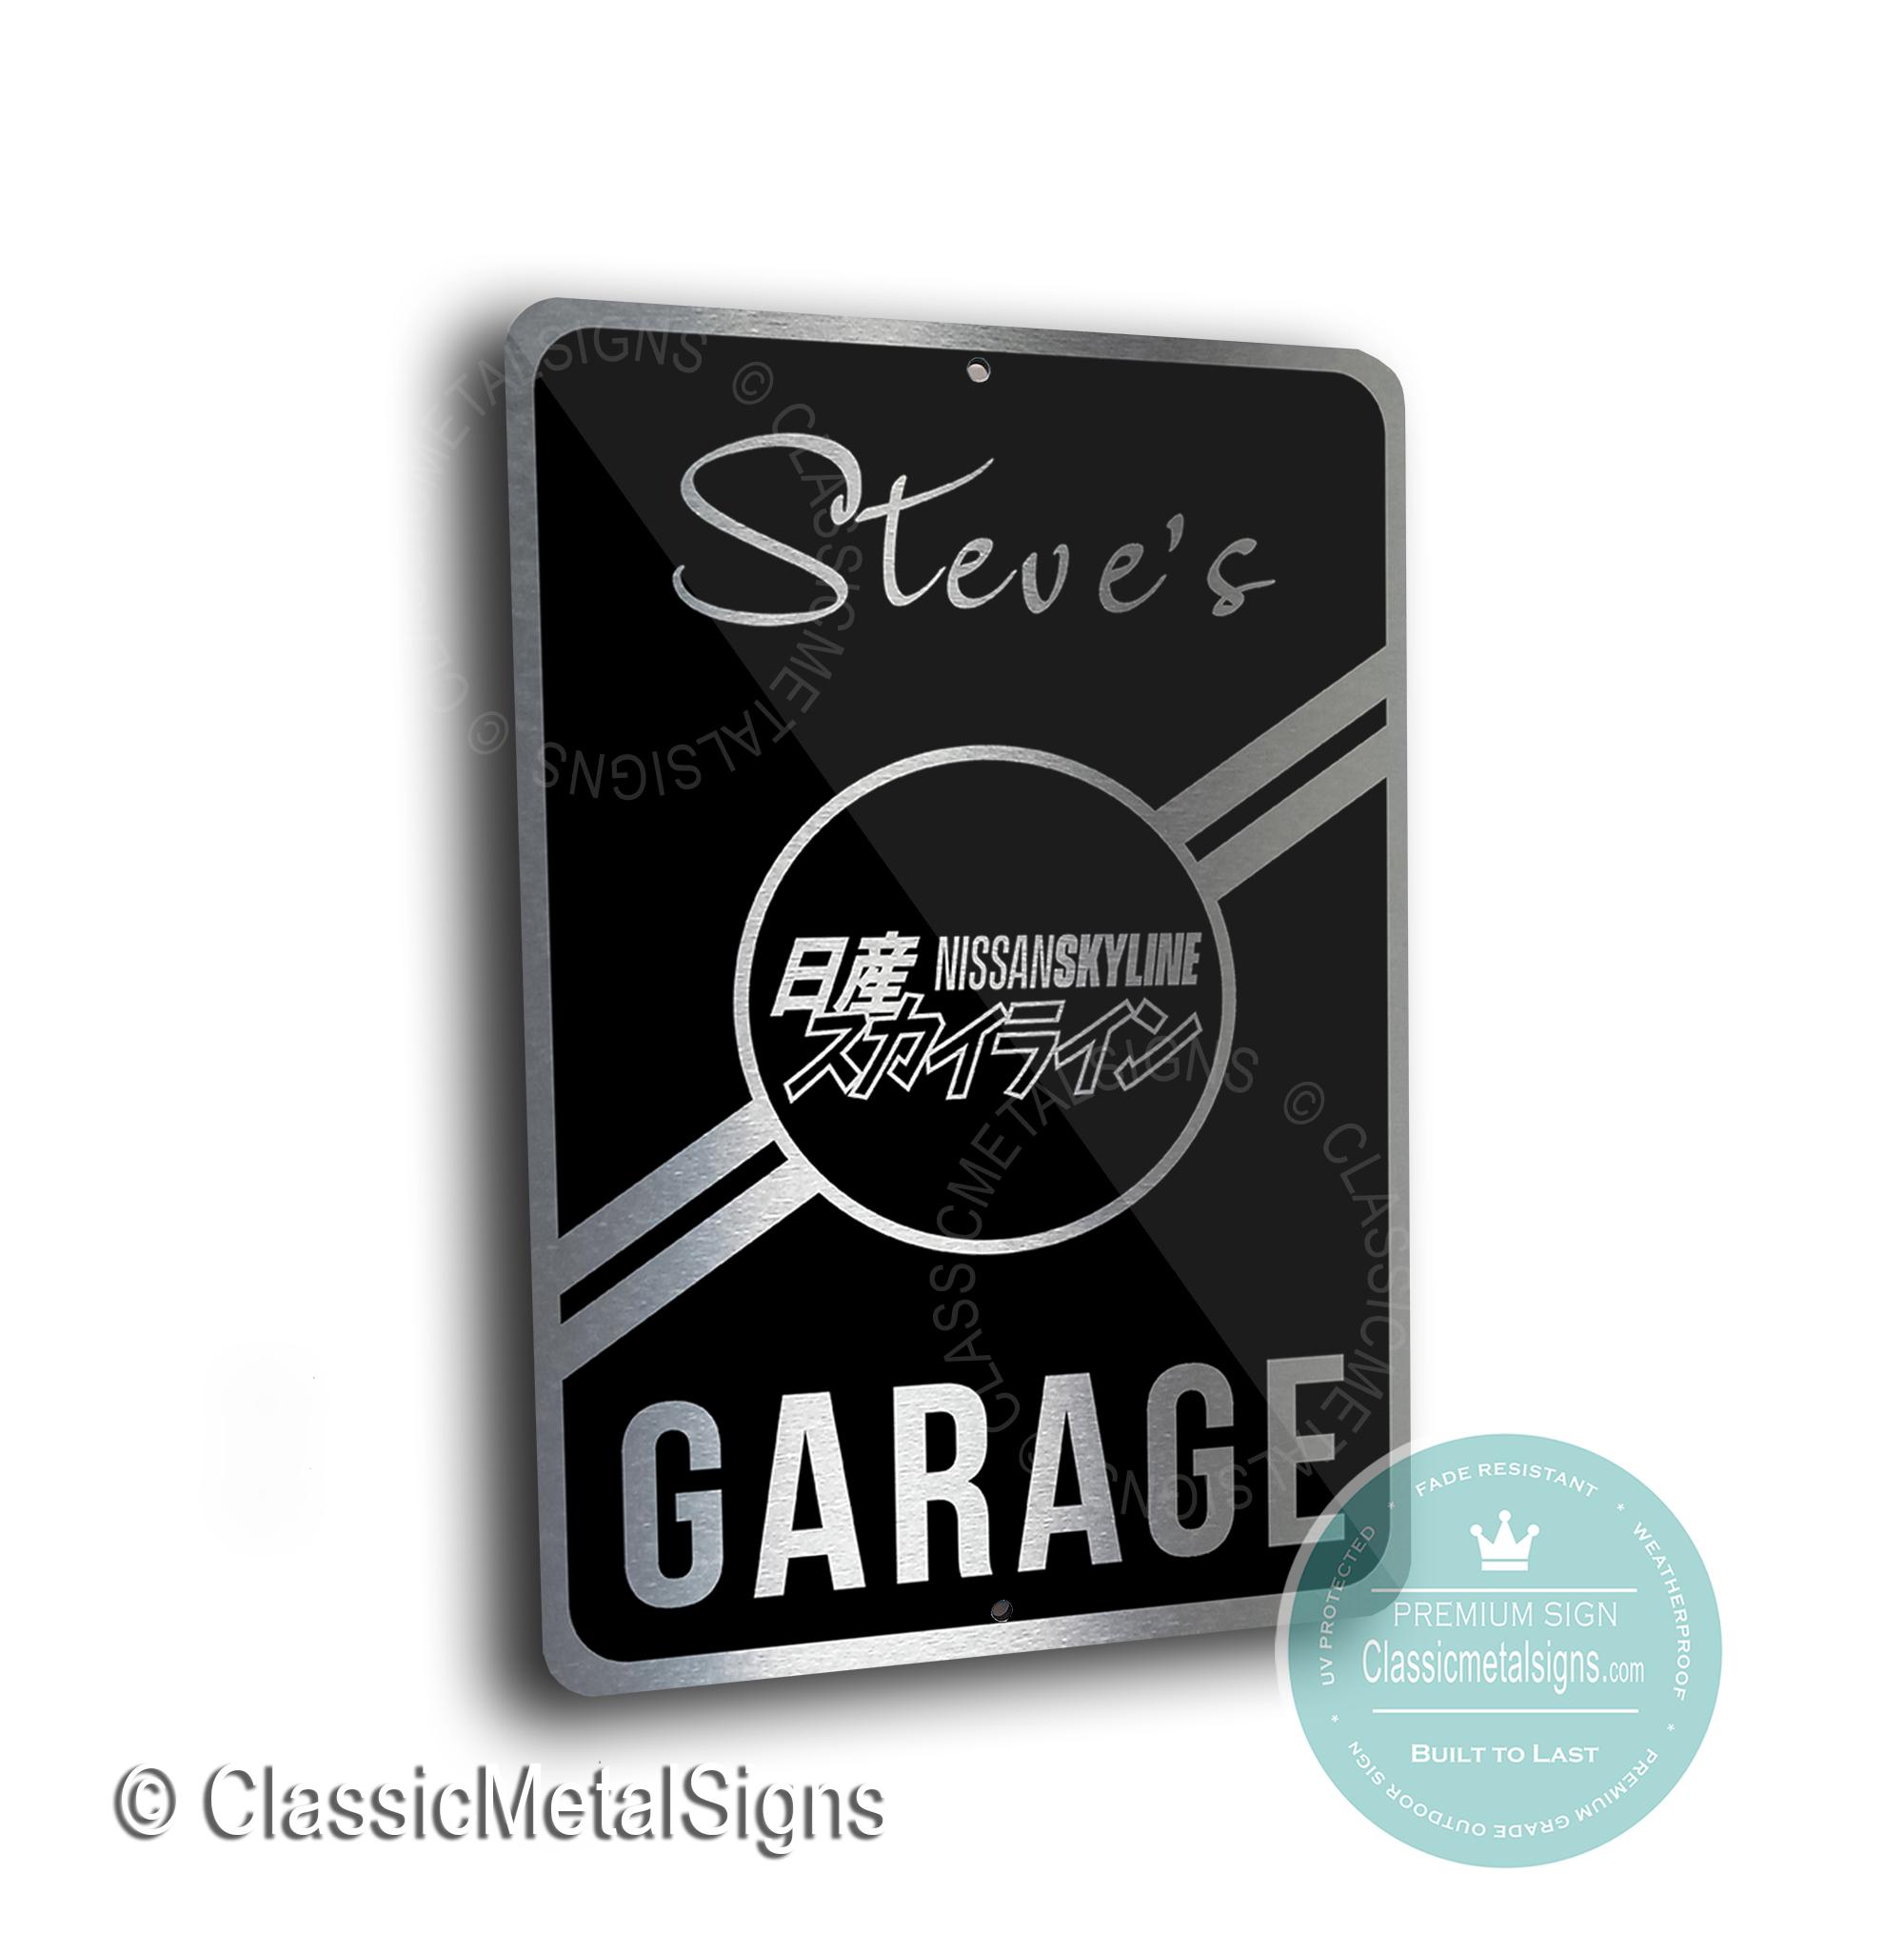 Nissan Skyline Garage Signs